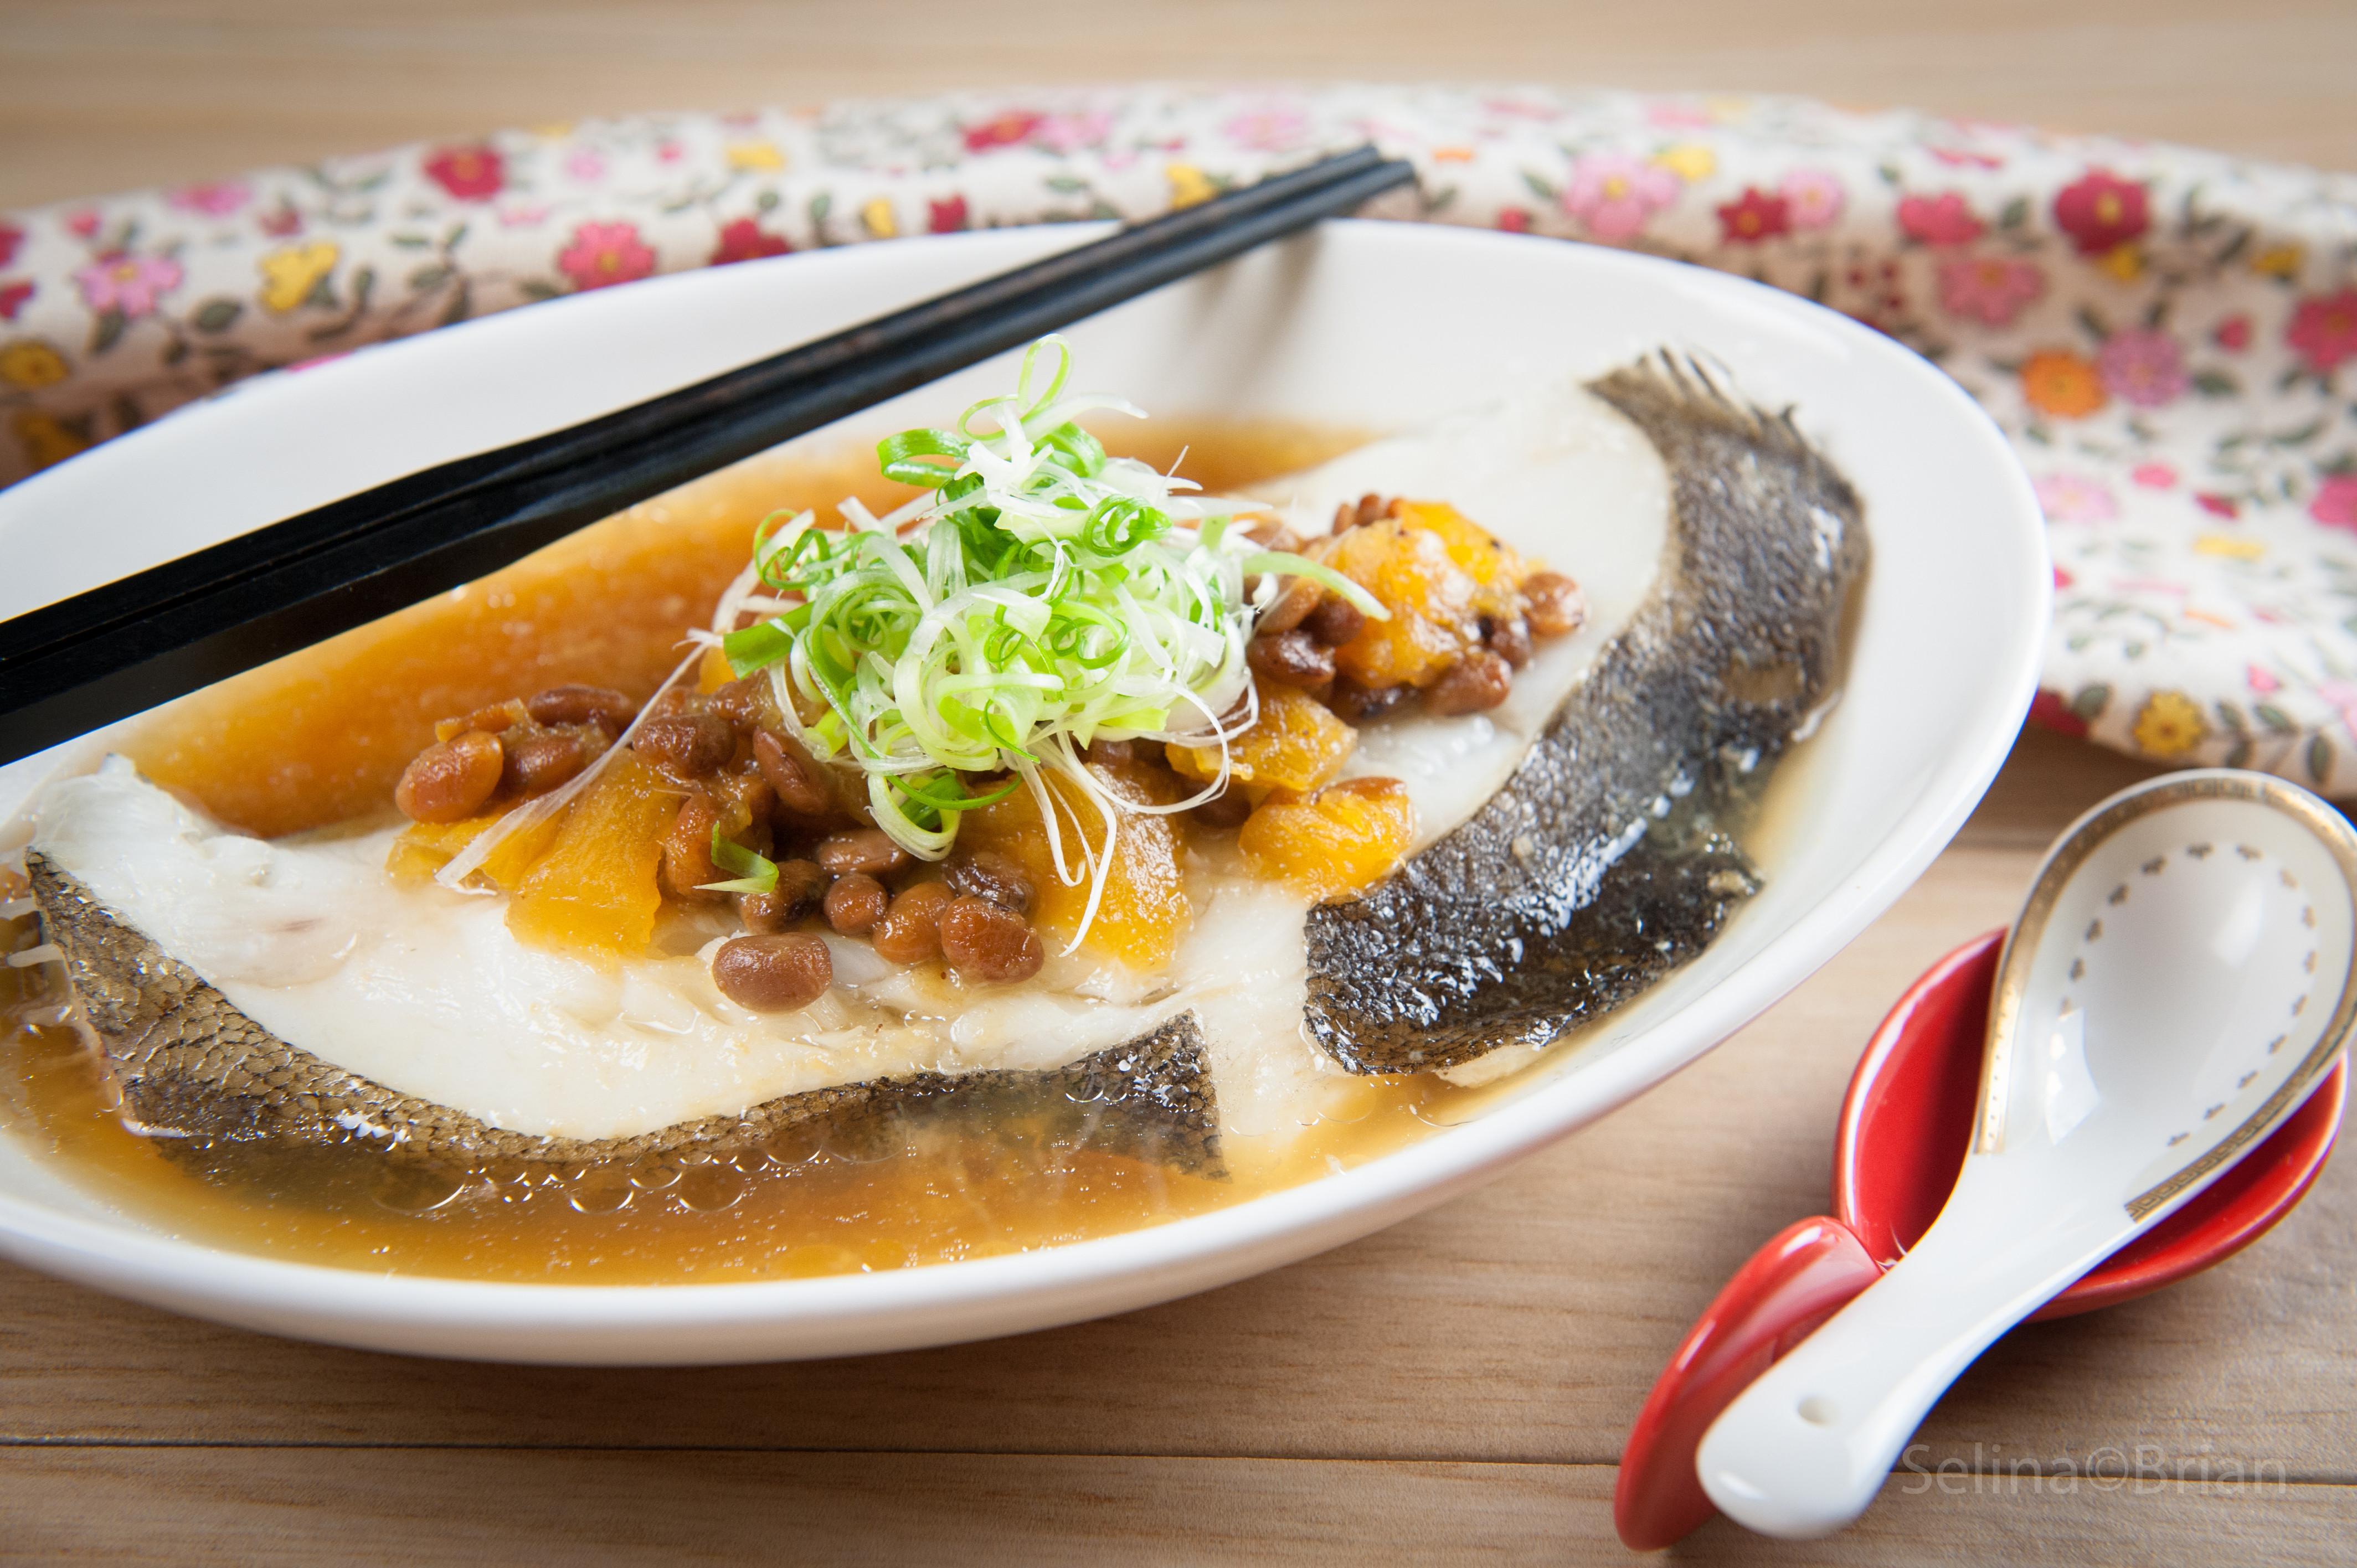 鳳梨黃豆醬蒸鱈魚@Selina Wu